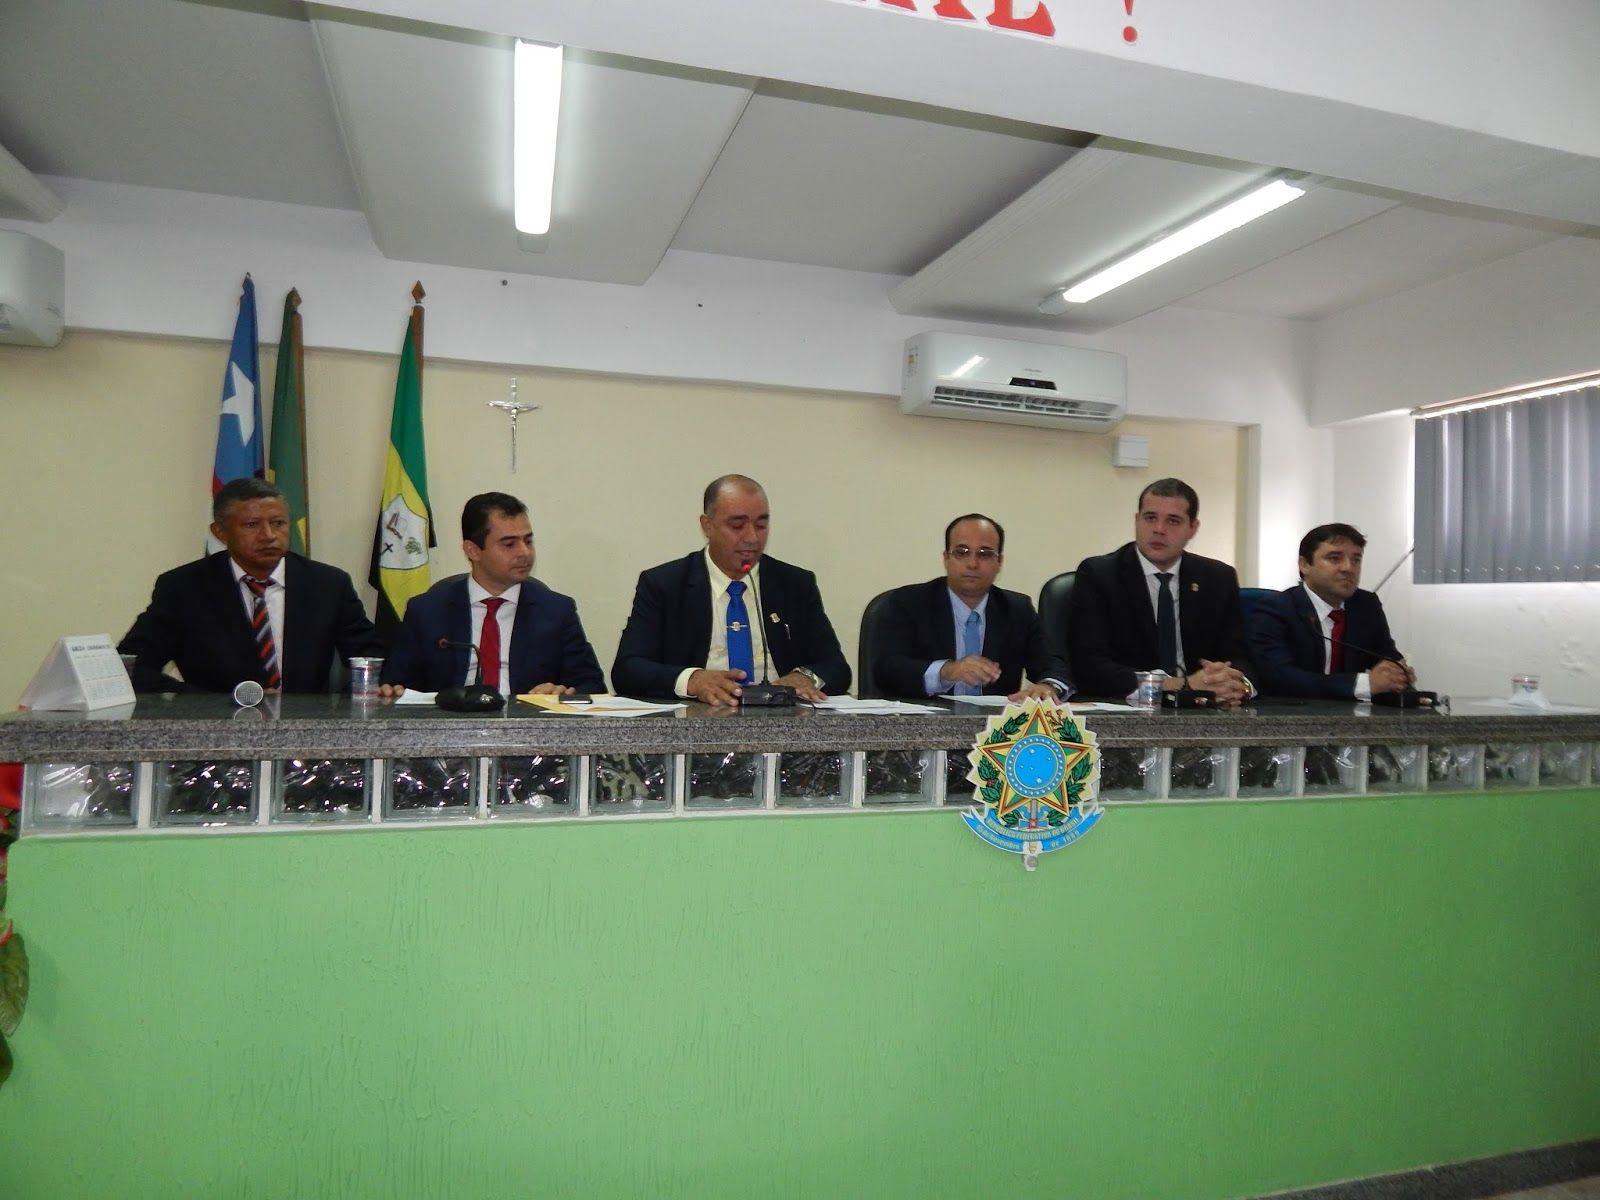 DSCN0911 - FIQUE LIGADO: Câmara Municipal realiza na tarde de hoje, primeira sessão plenária do ano - minuto barra